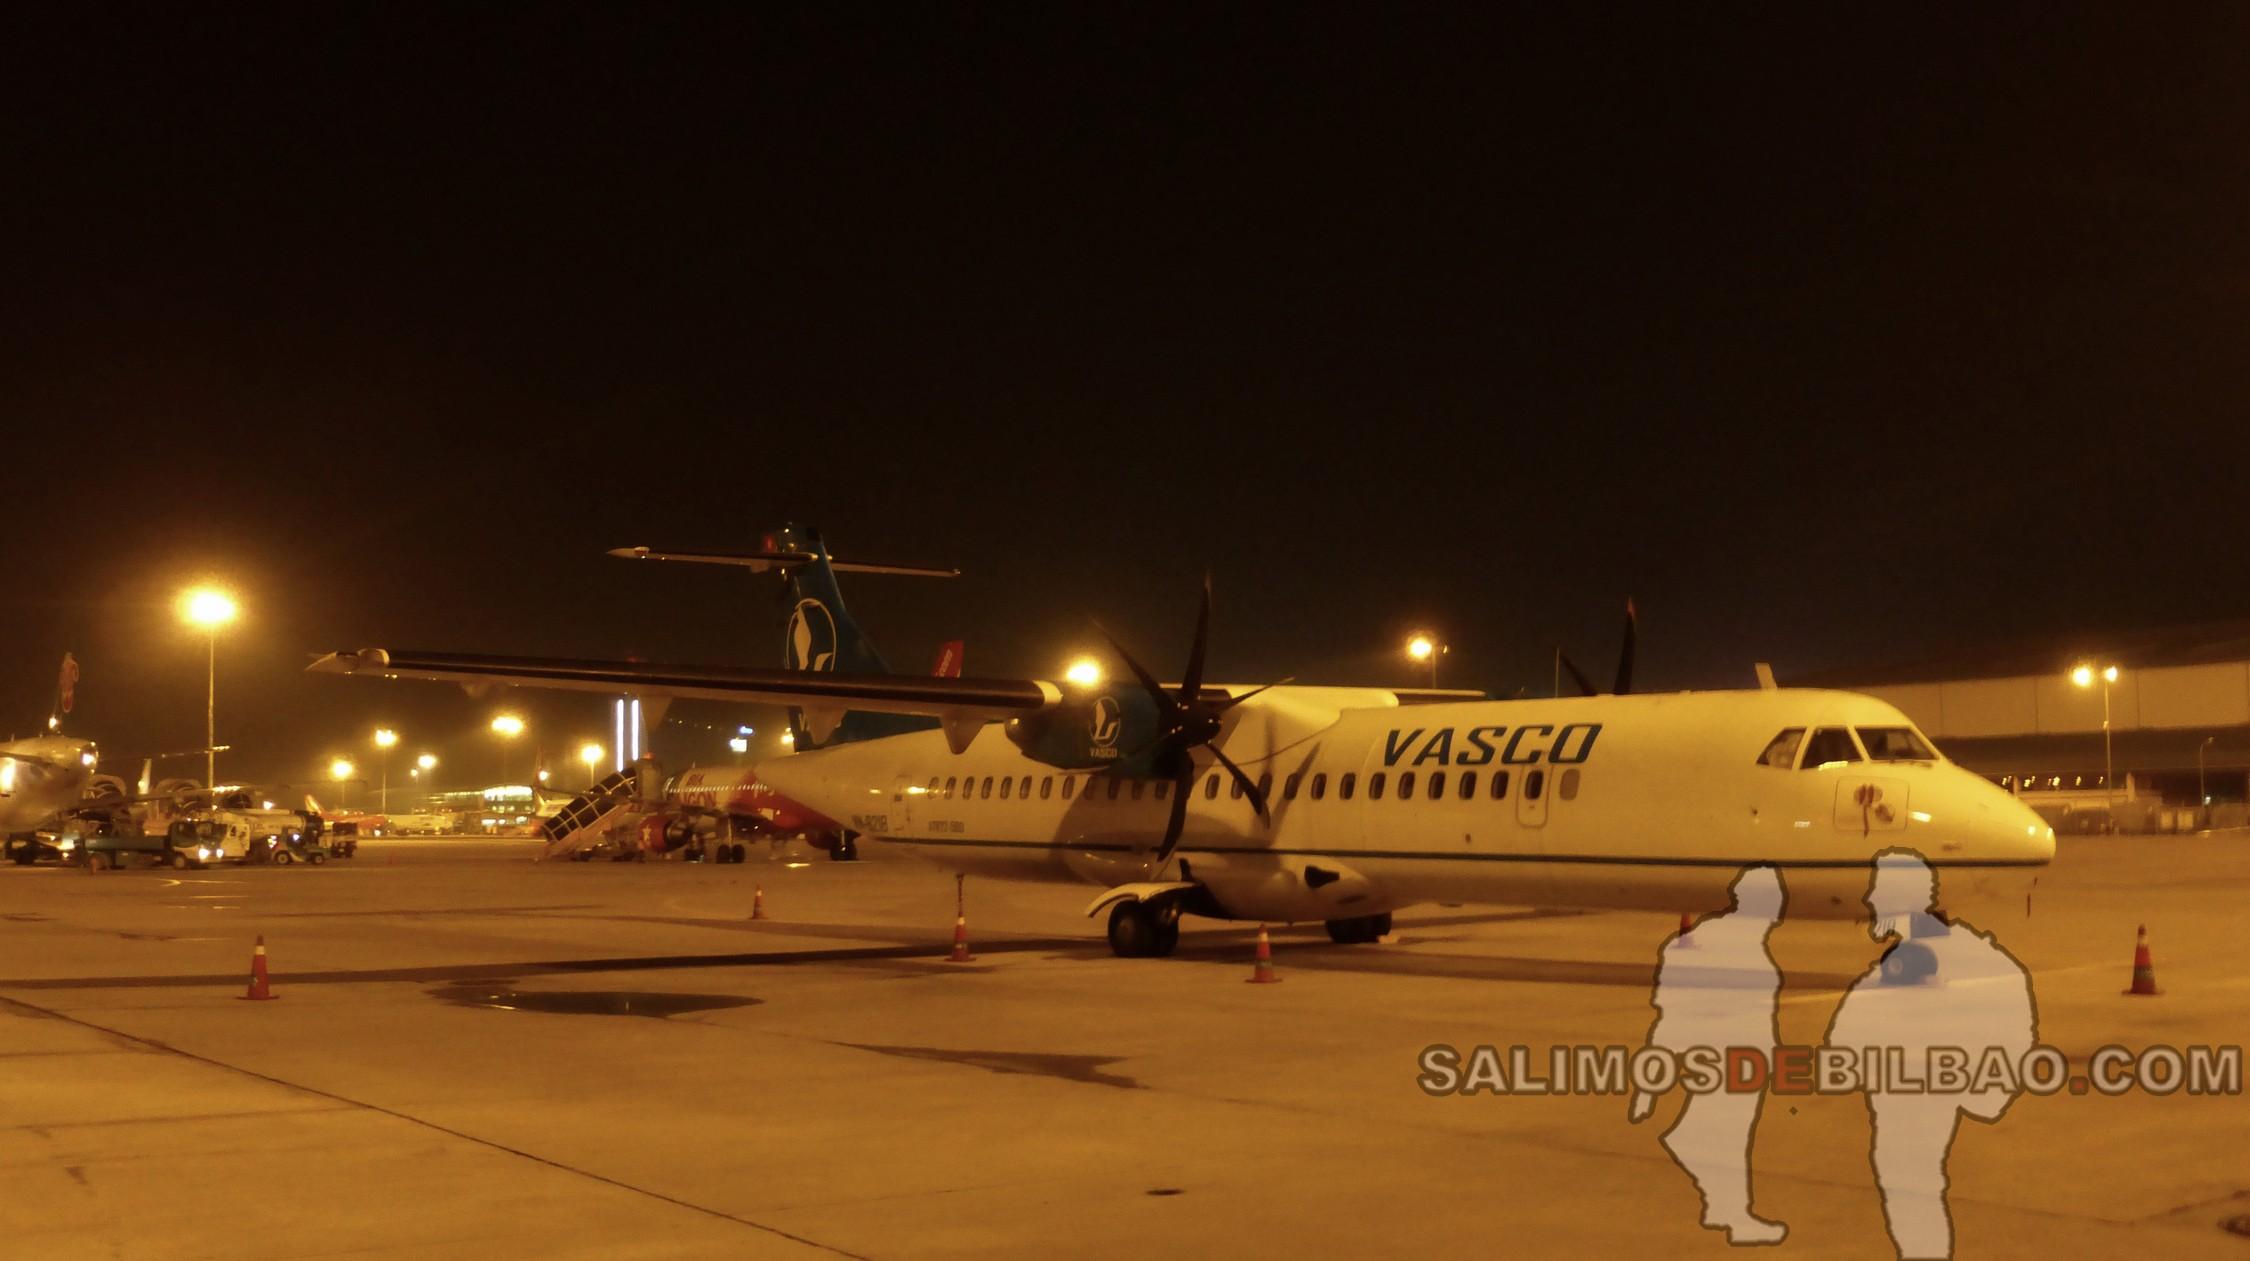 0050. Avión cía Vasco, Aeropuerto de Hanoi